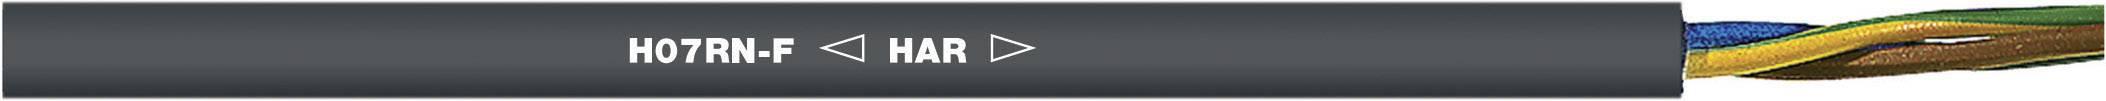 Gumový kabel LappKabel H07RN-F, 5x1.5 mm², černá